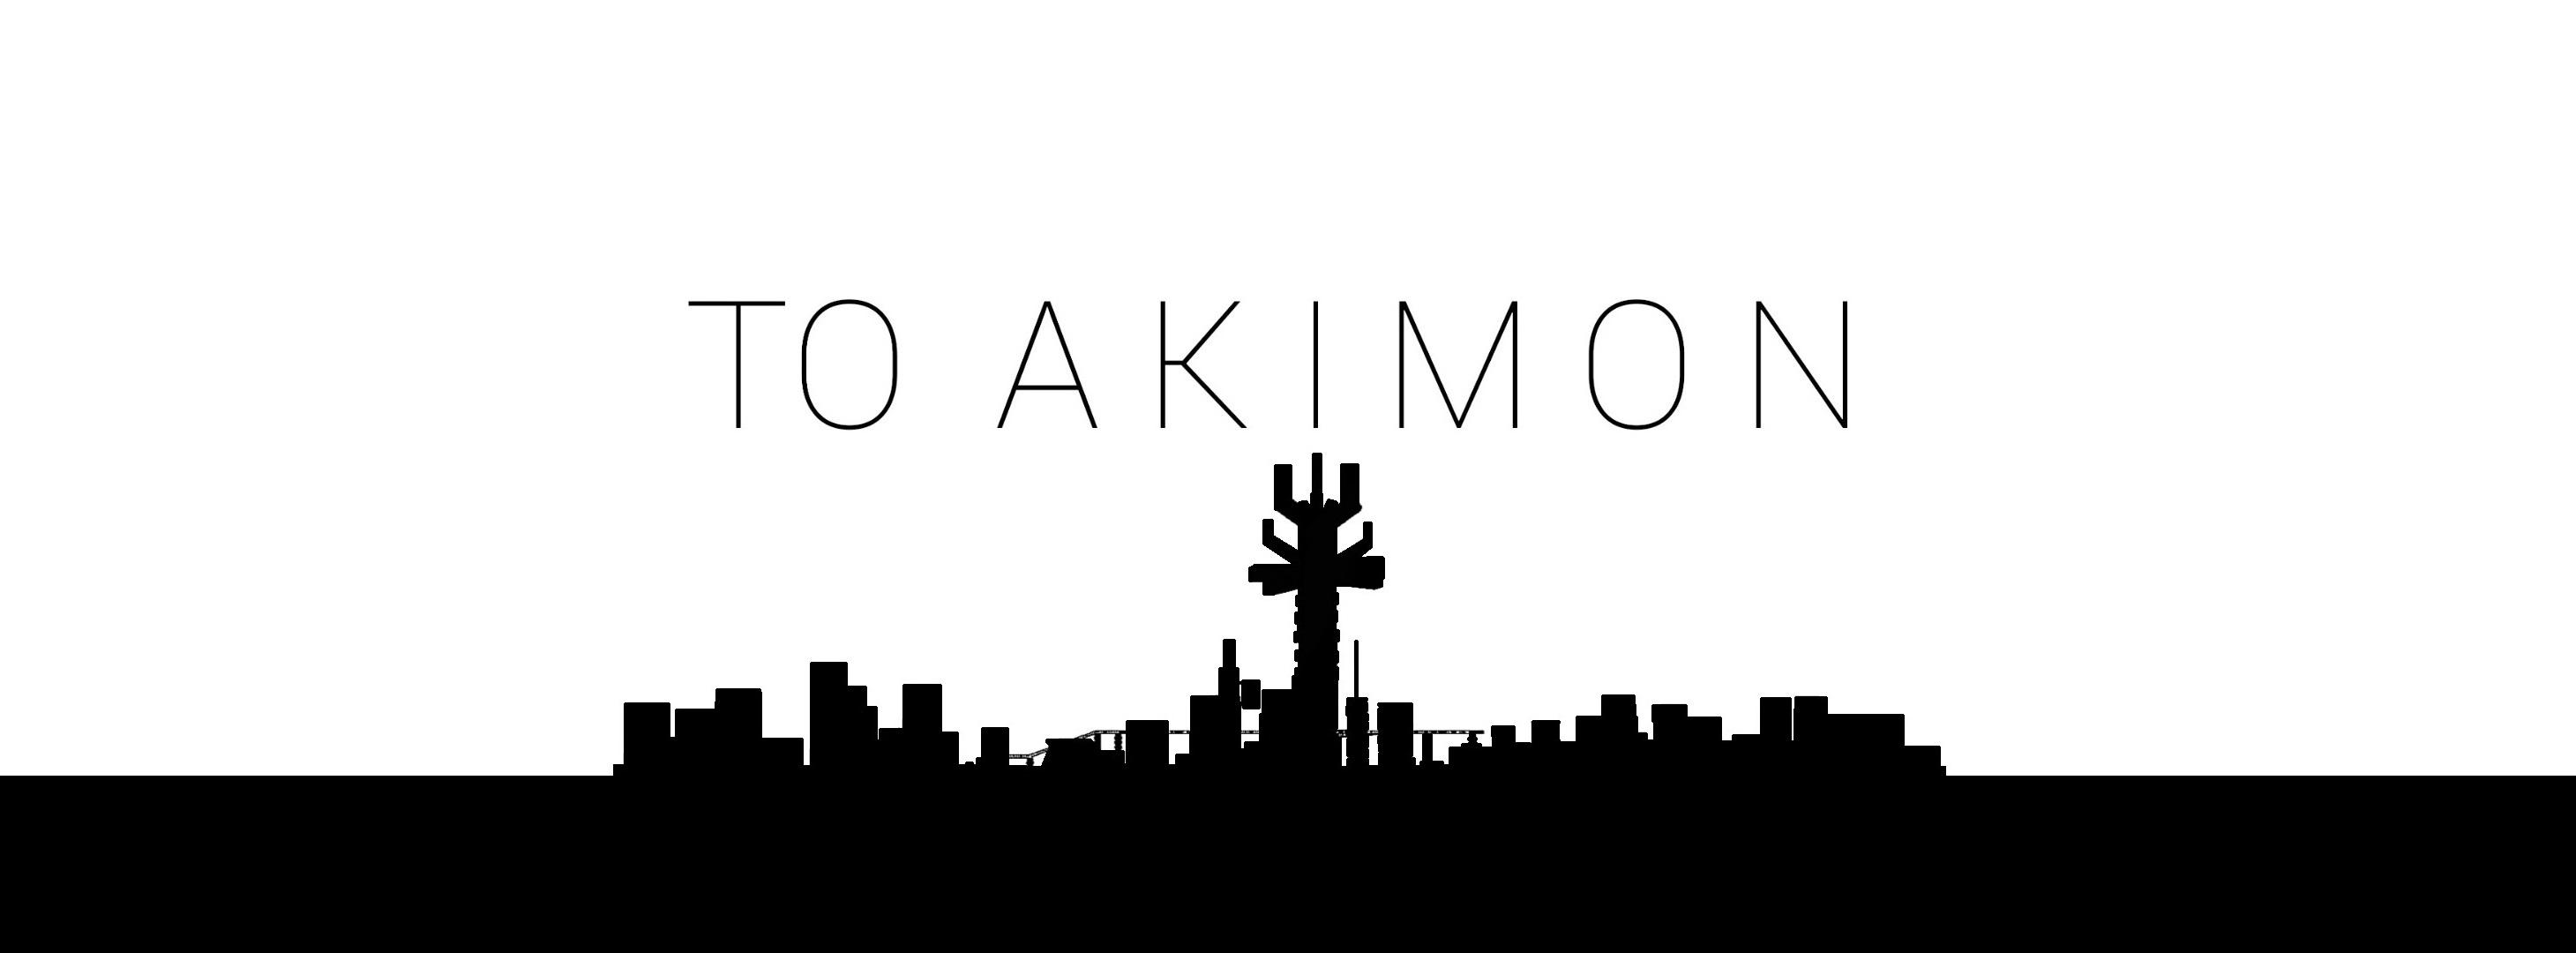 To Akimon